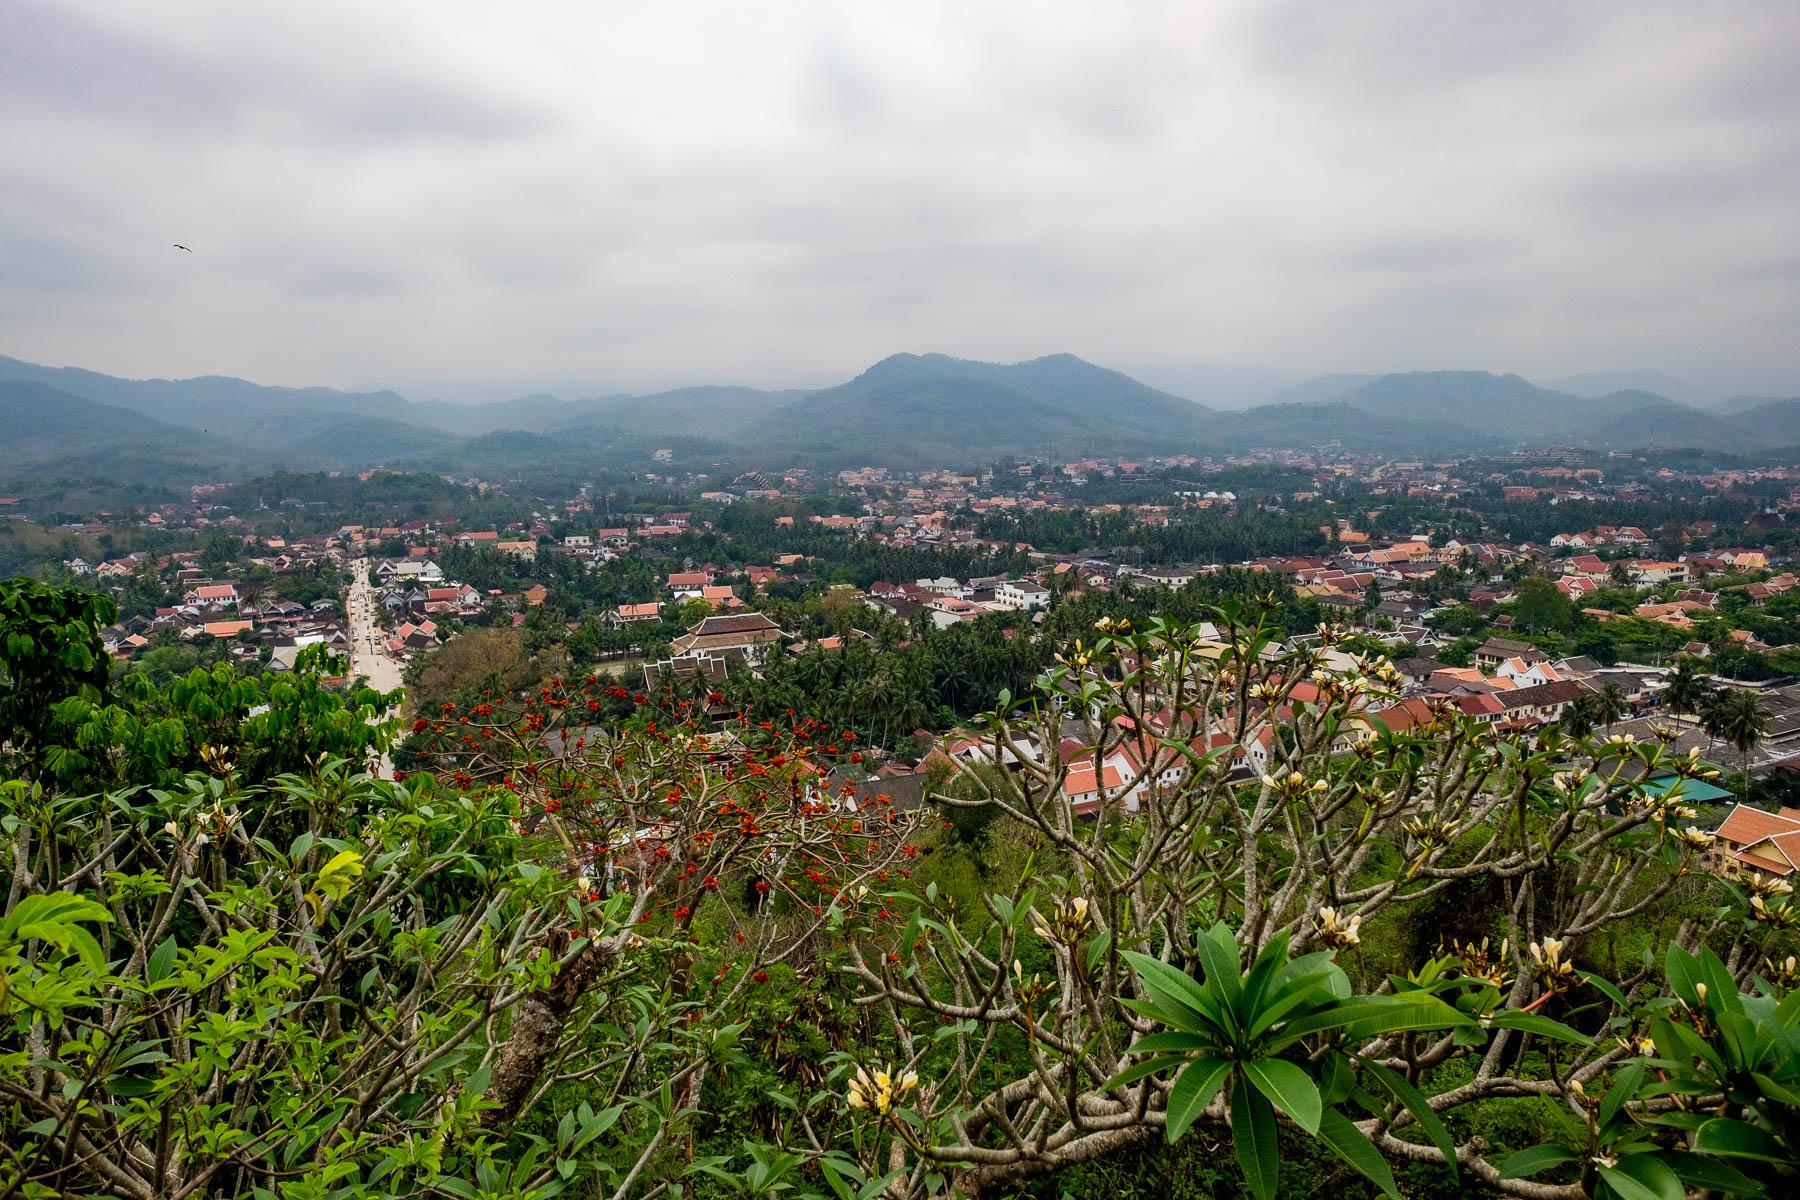 Luang Prabang town view from Mount Phousi